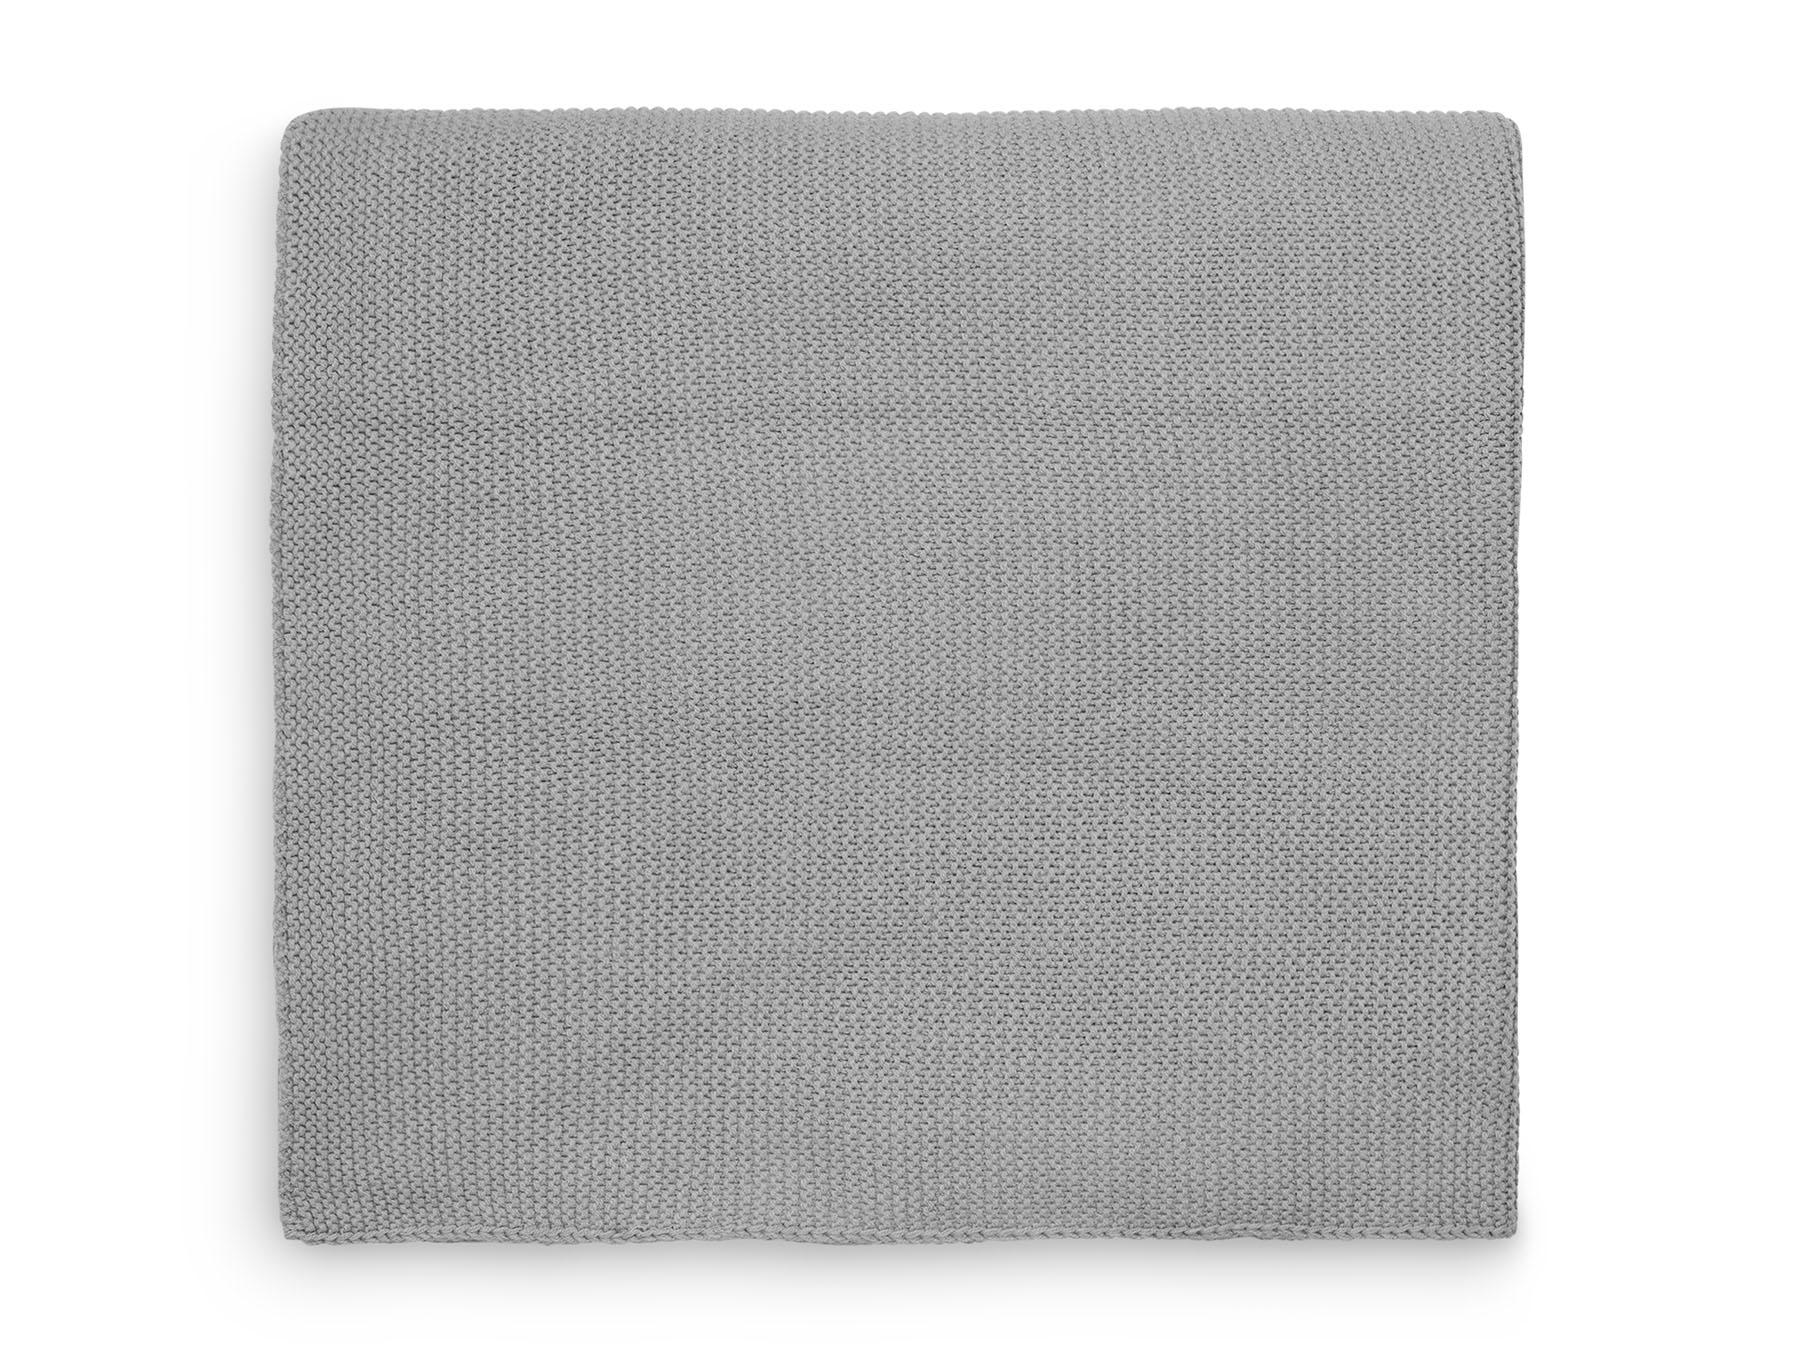 Babydecke Strickdecke Basic Knit grau (75x100 cm)